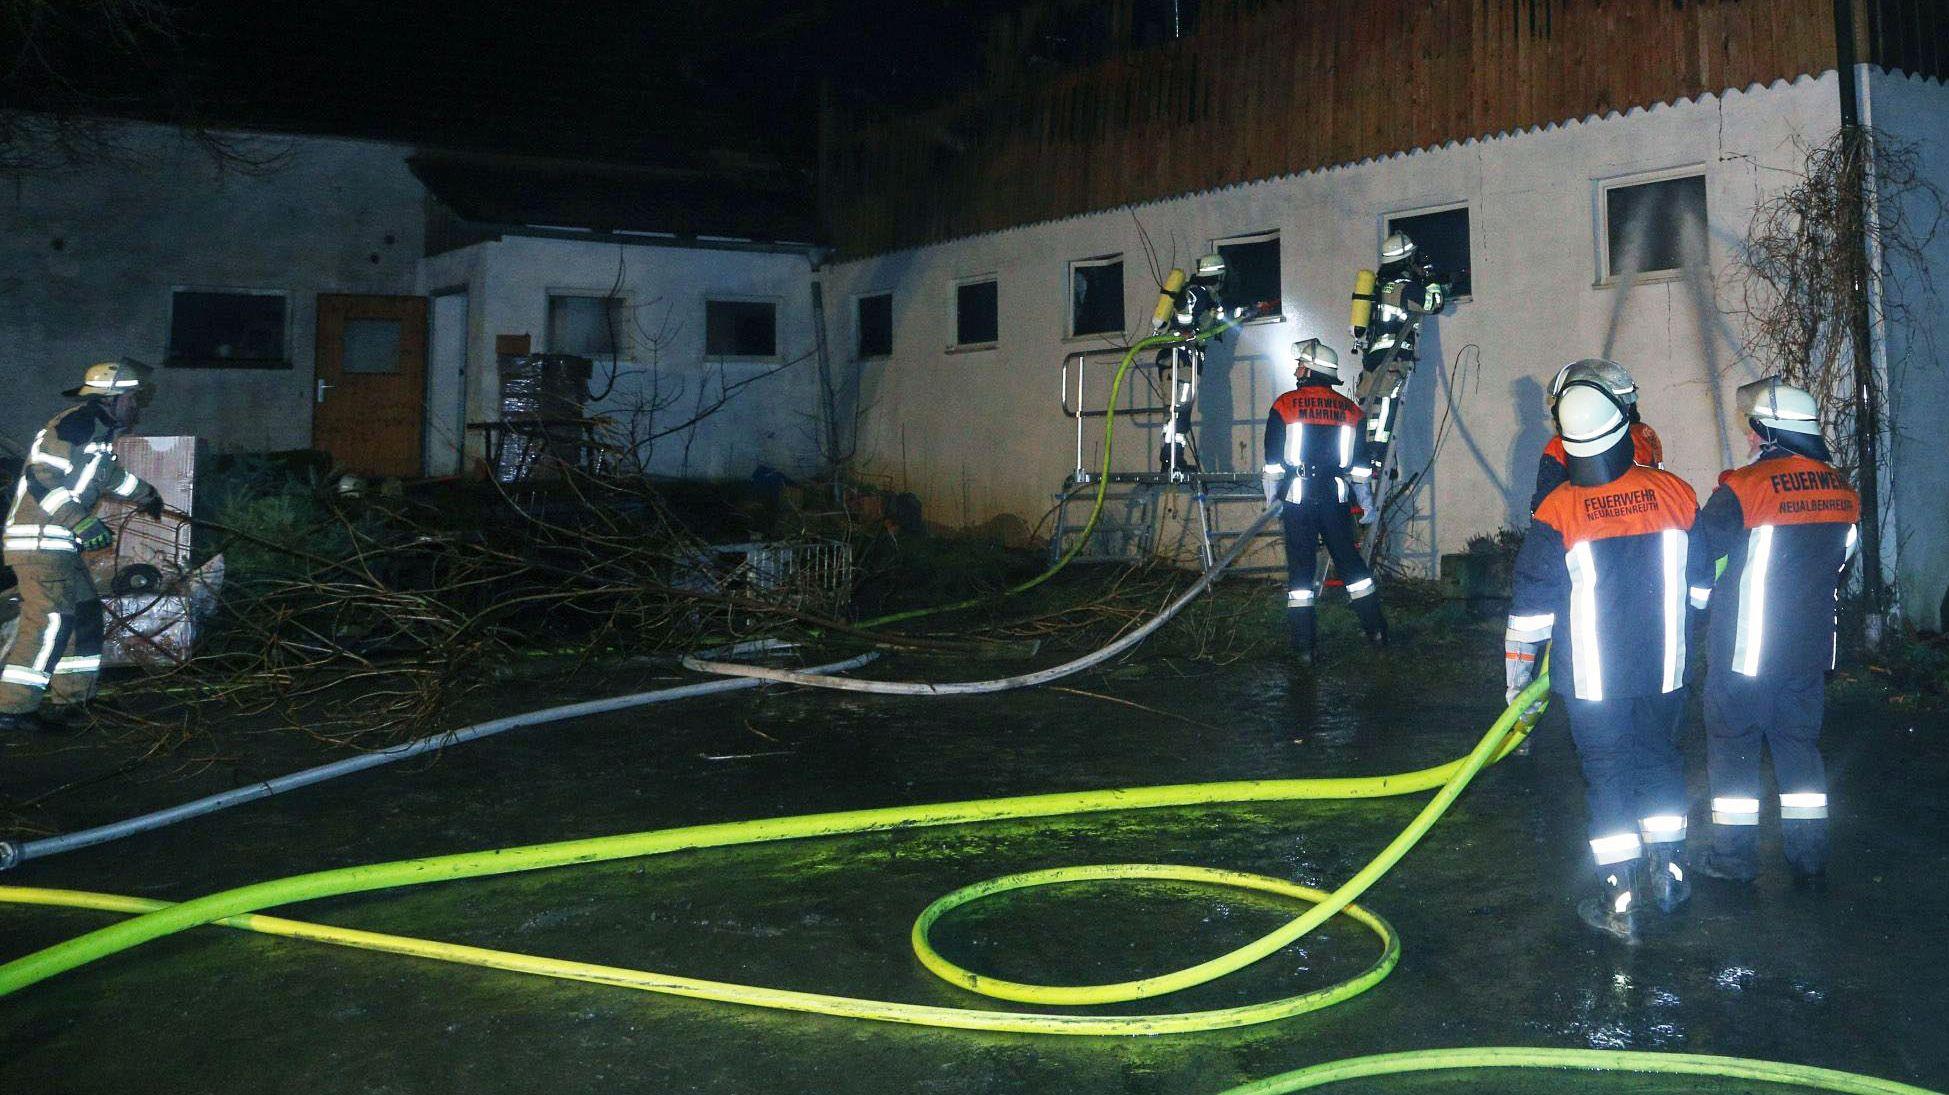 Mehr als 150 Feuerwehrleute haben gegen die Flammen gekämpft. Sie konnten verhindern, dass das Feuer auf das Wohnhaus übergreift.